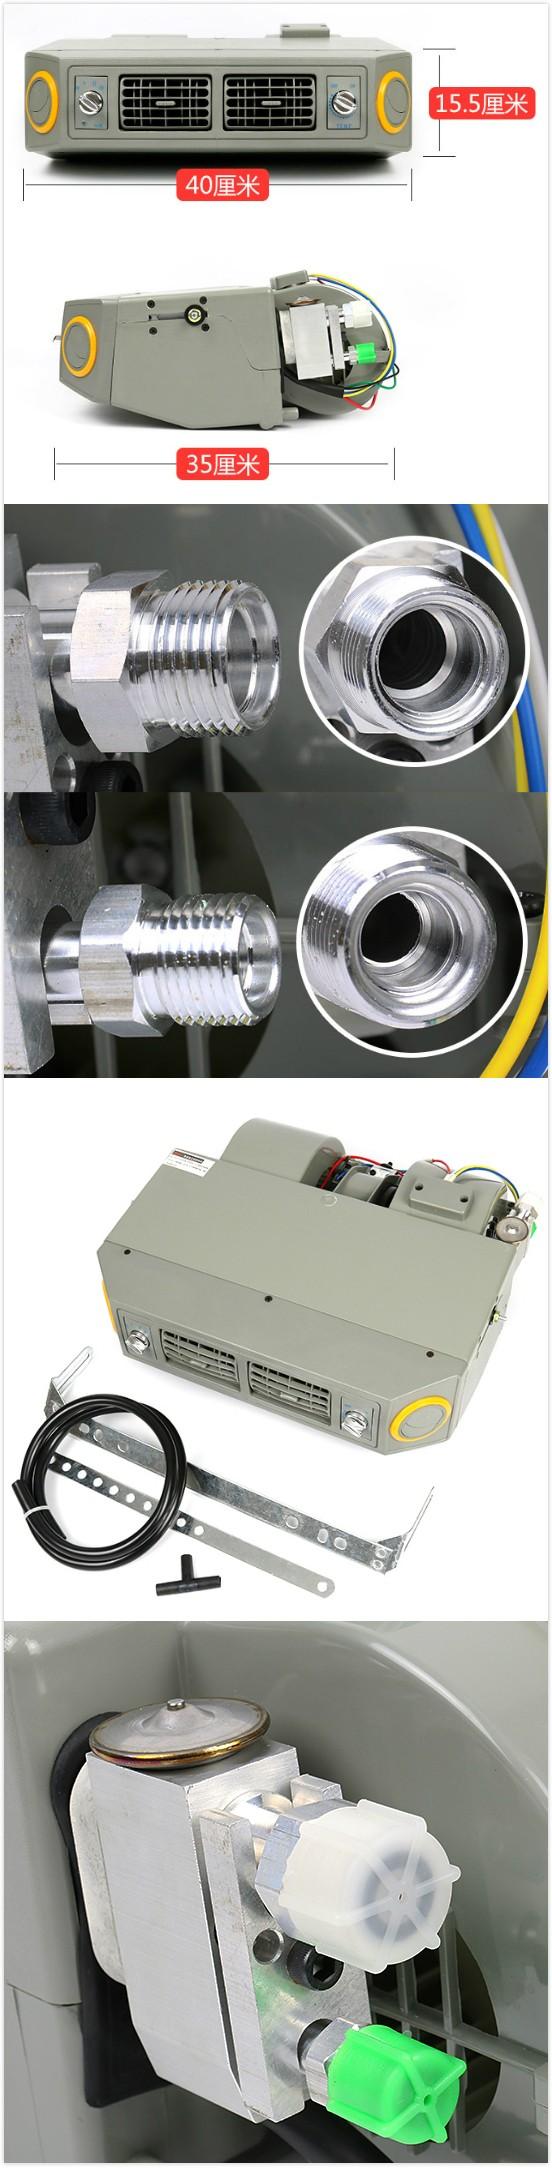 유니버설 A/C 온 대시 단일 냉각 12V 증발기 어셈블리 유닛 에어컨